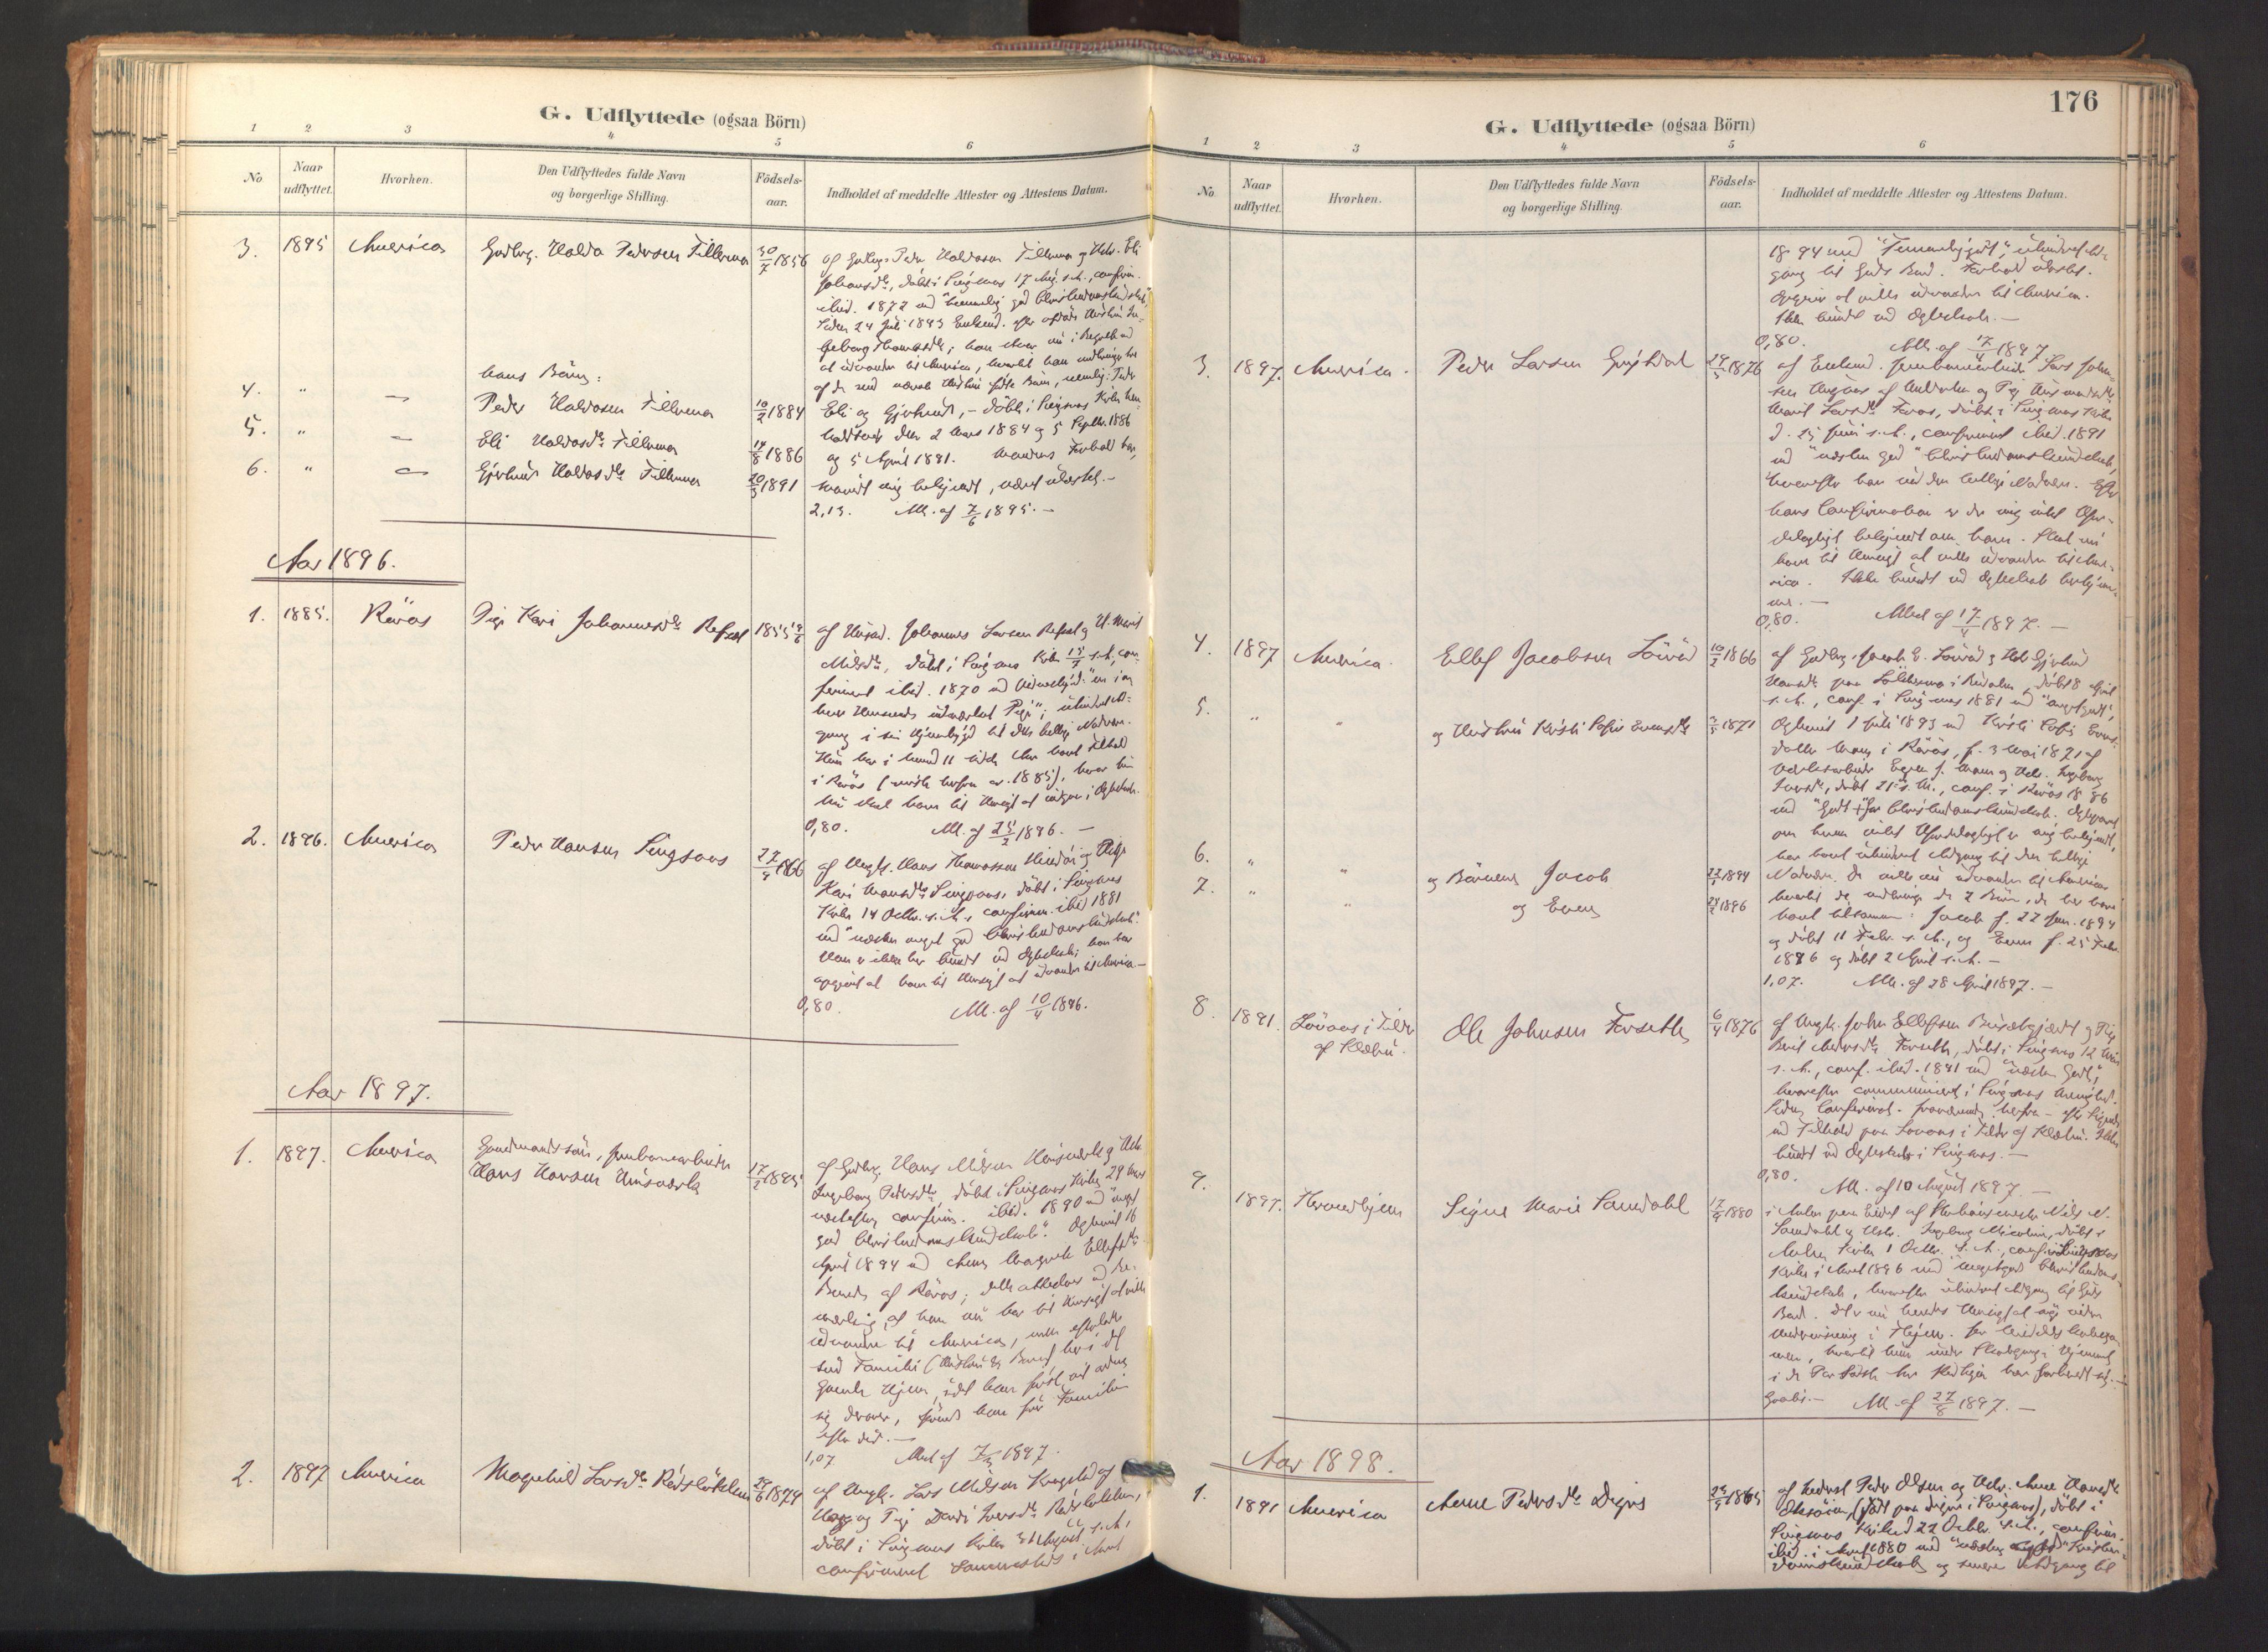 SAT, Ministerialprotokoller, klokkerbøker og fødselsregistre - Sør-Trøndelag, 688/L1025: Ministerialbok nr. 688A02, 1891-1909, s. 176